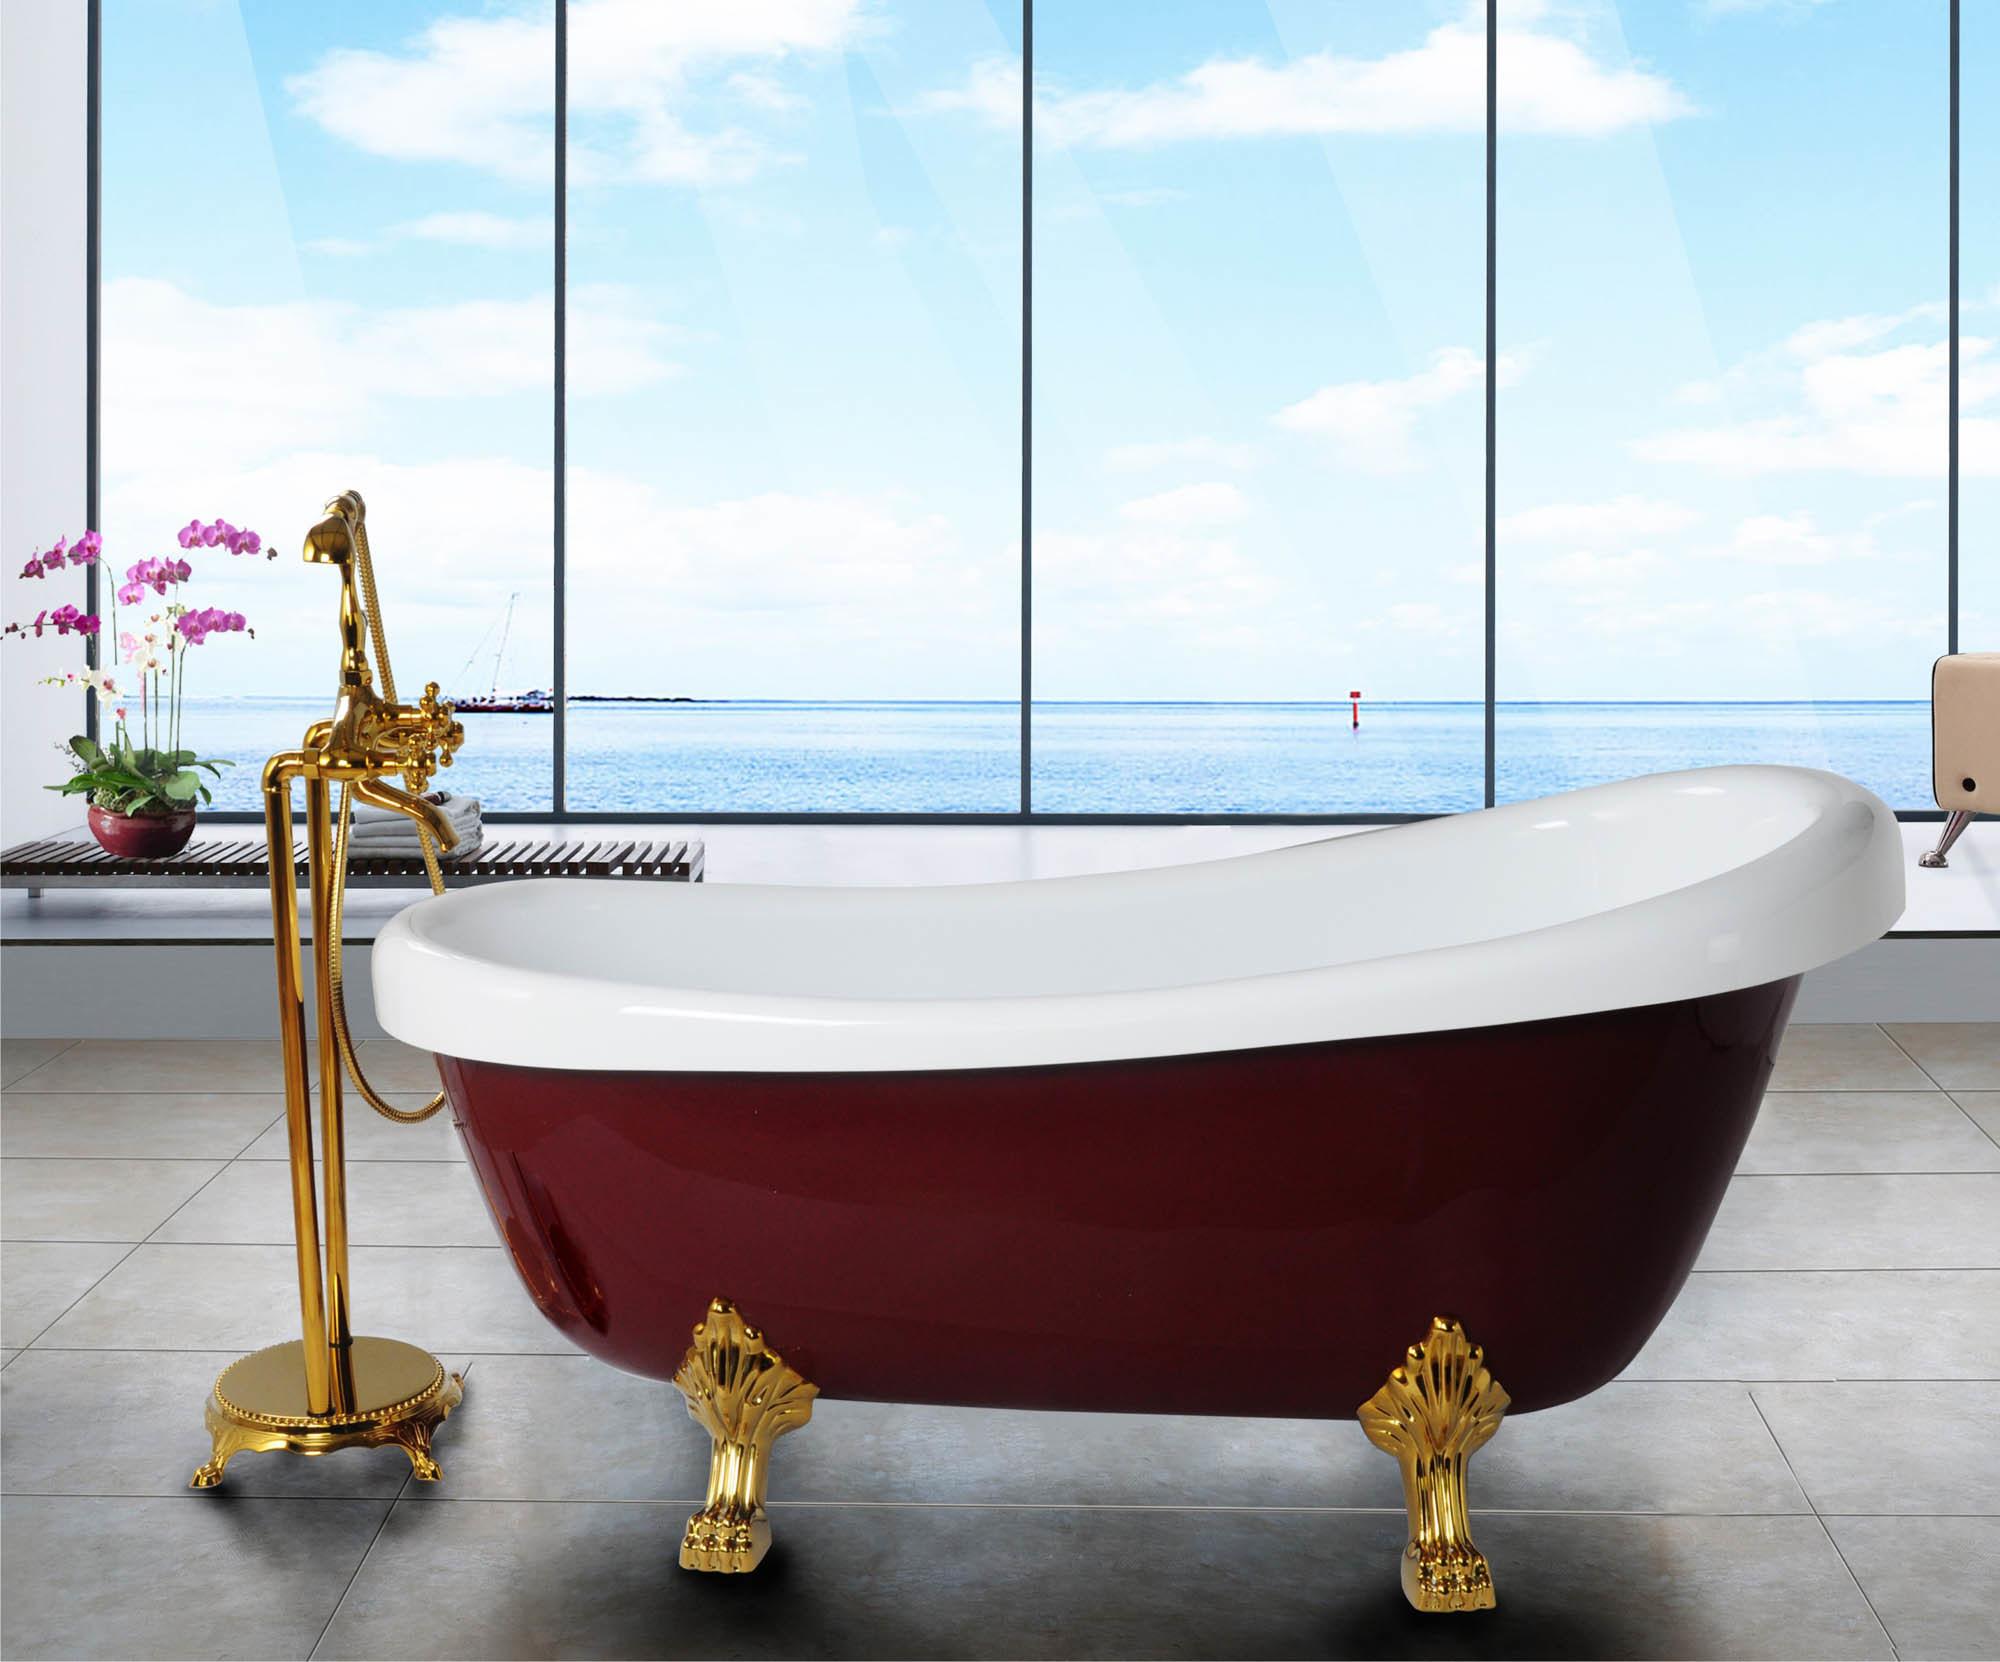 Vasca Da Bagno Rossa : La vasca da bagno acrilica reale rossa con i piedini bf